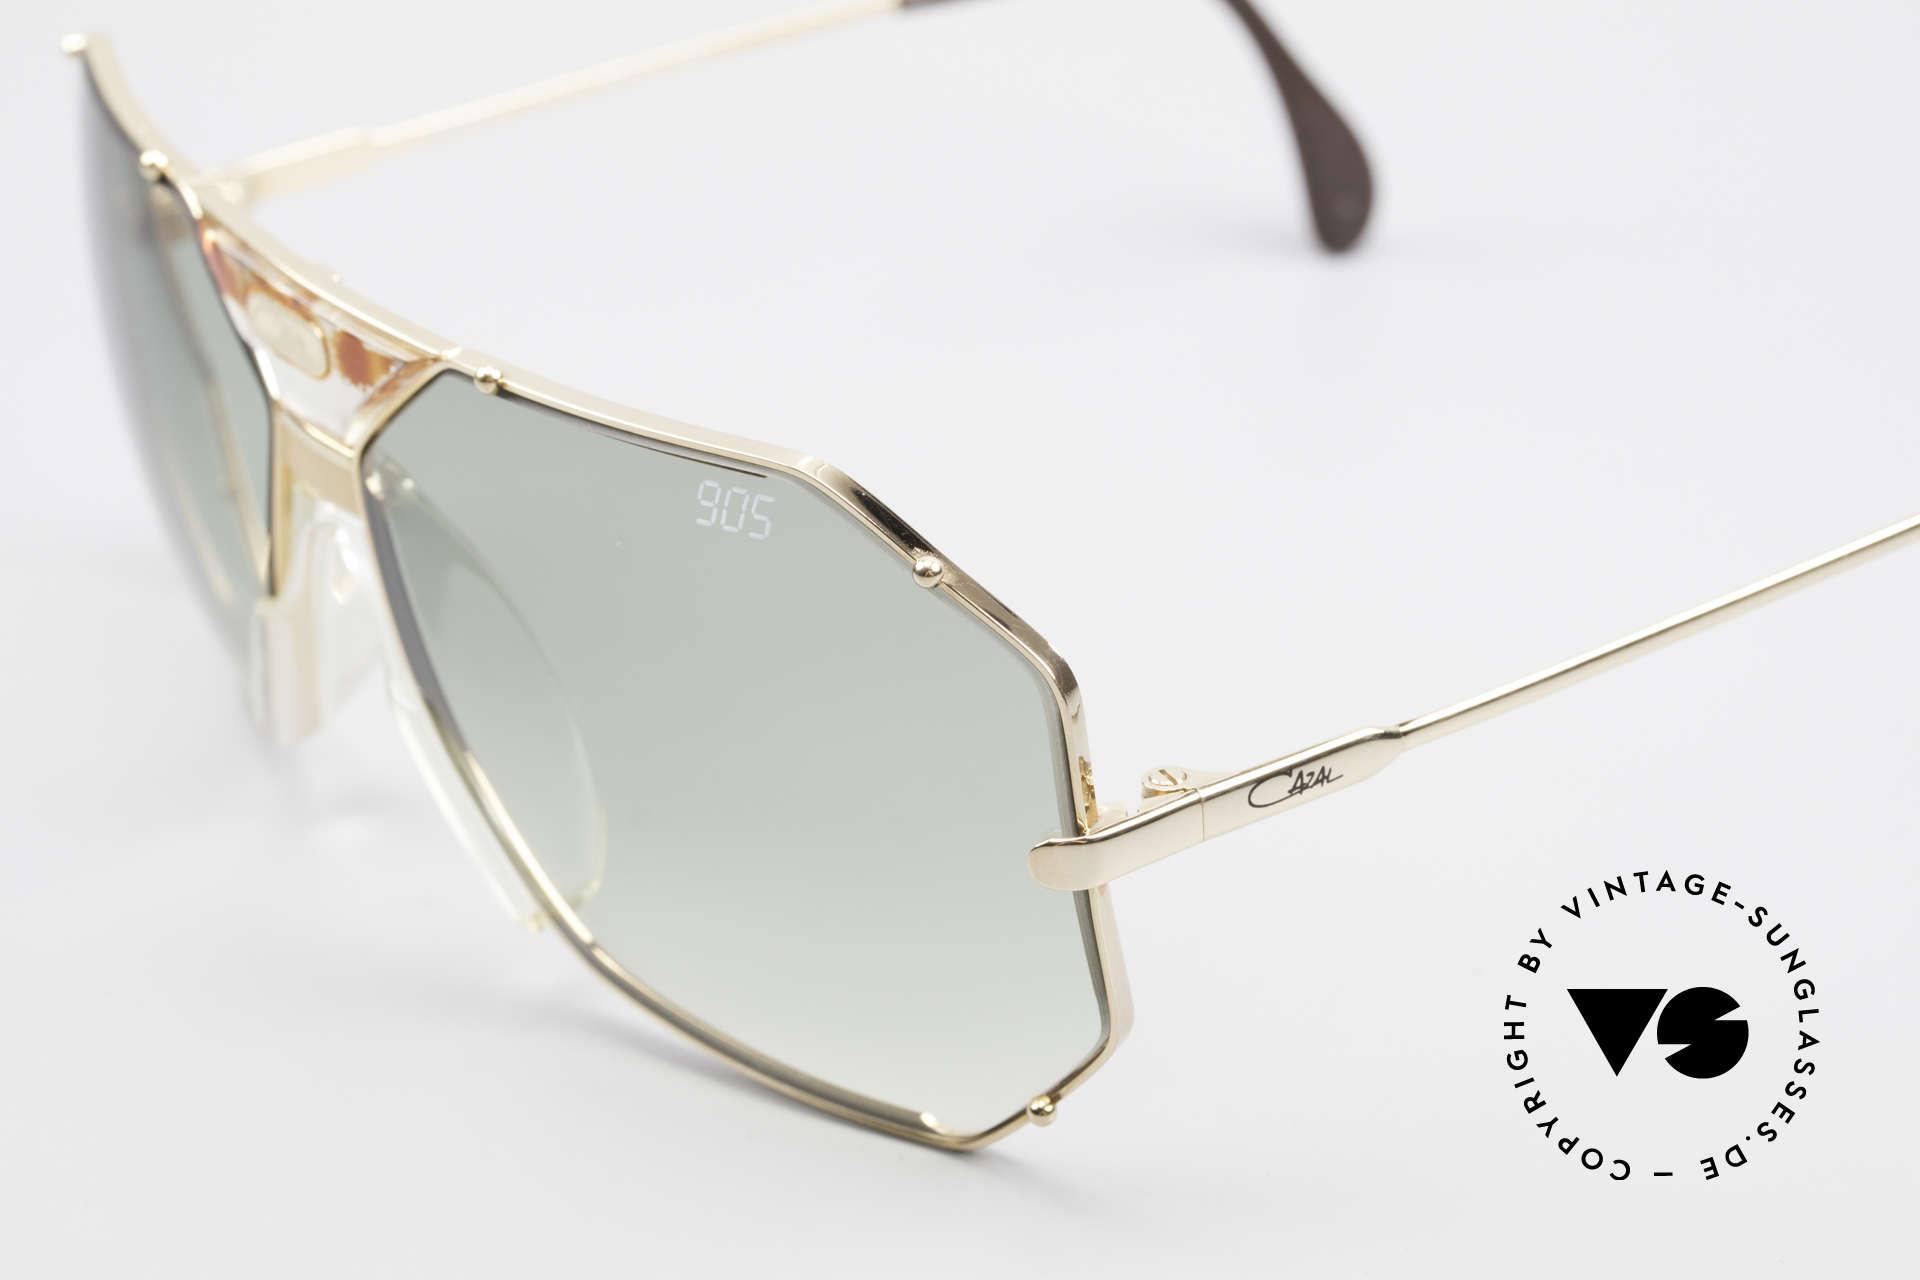 Cazal 905 Gwen Stefani Sonnenbrille 80er, echte RARITÄT und inzwischen ein Sammlerstück, Passend für Herren